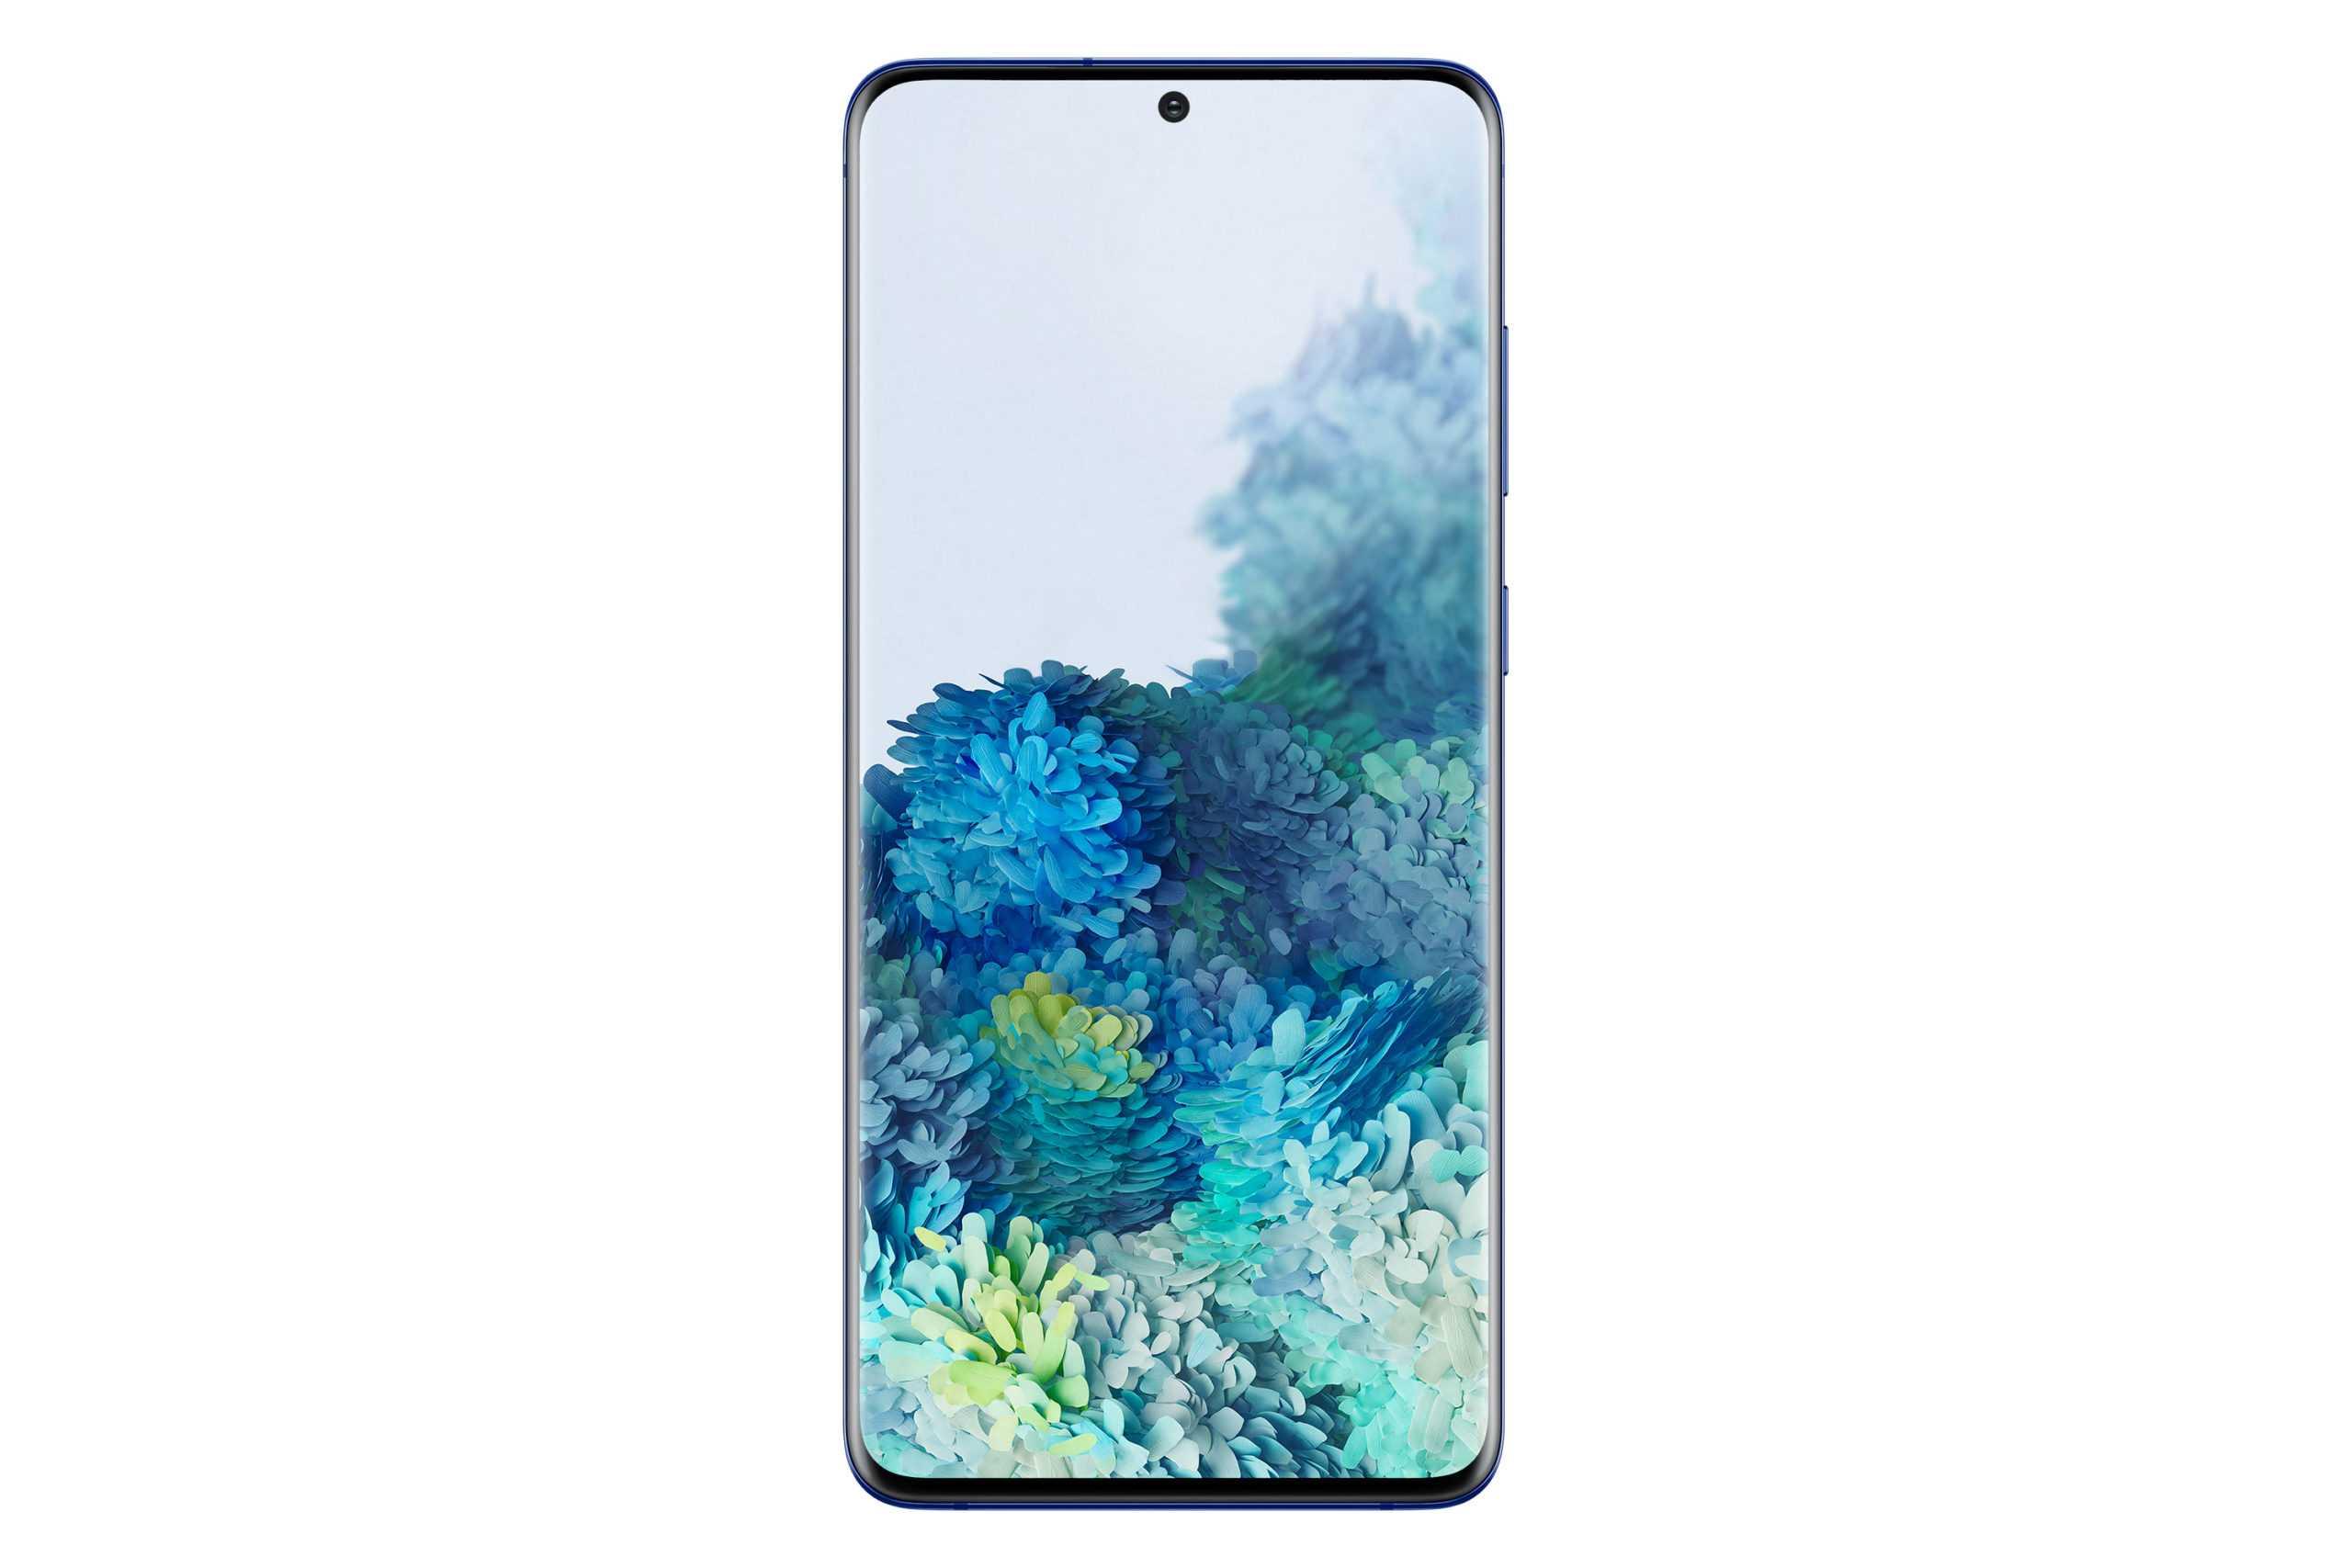 Компания Samsung собирается выпустить упрощенную версию Galaxy S20 о чем собственно говоря многие говорили но никто не раскрывал подробностей Наконец-то